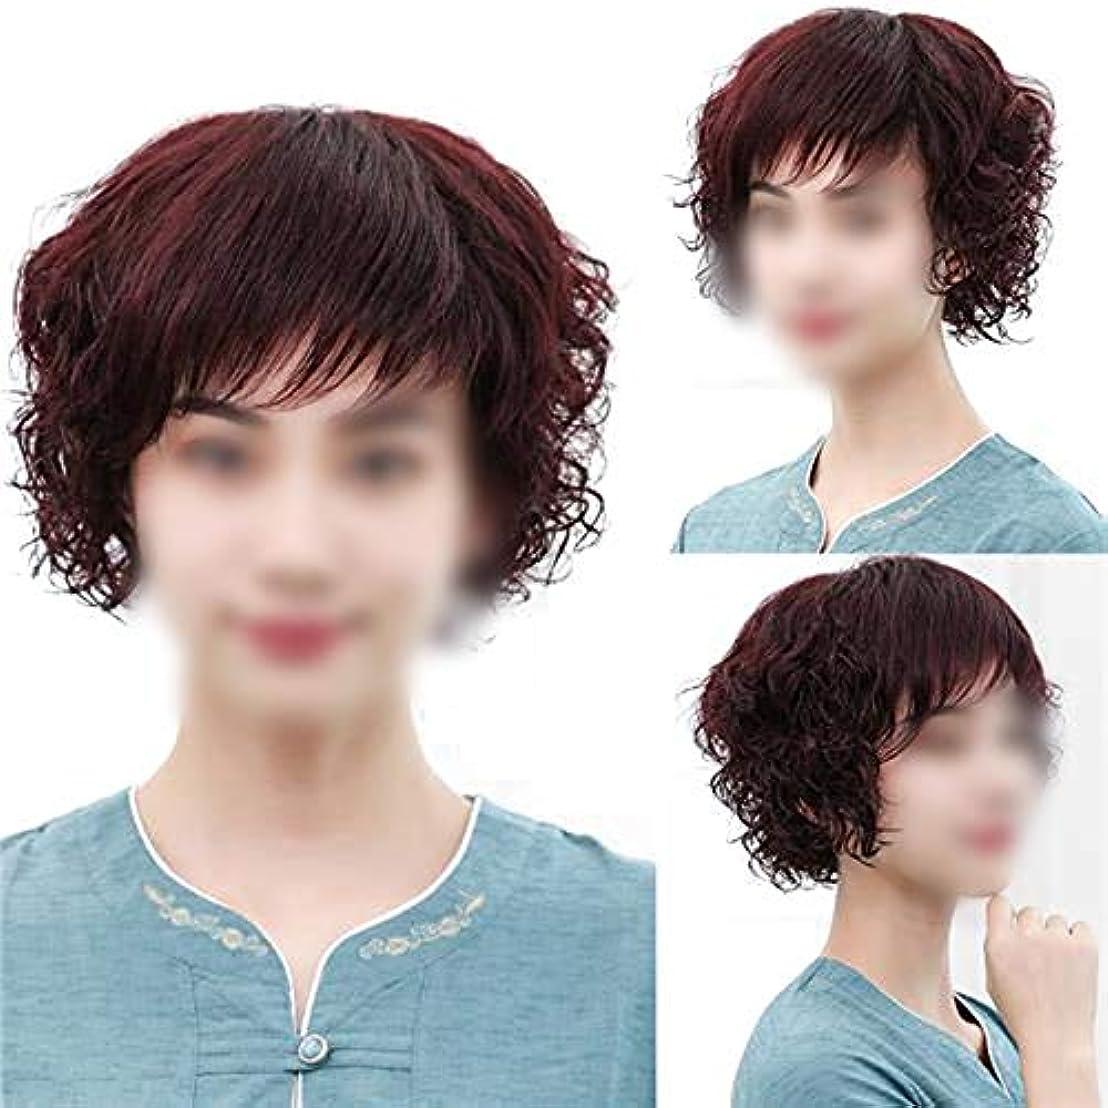 証明チキン意外YOUQIU フル手織り実髪ふわふわショートカーリーヘアウィッグ女性用かつらのリアルなナチュラルウィッグ中年 (色 : Dark brown)